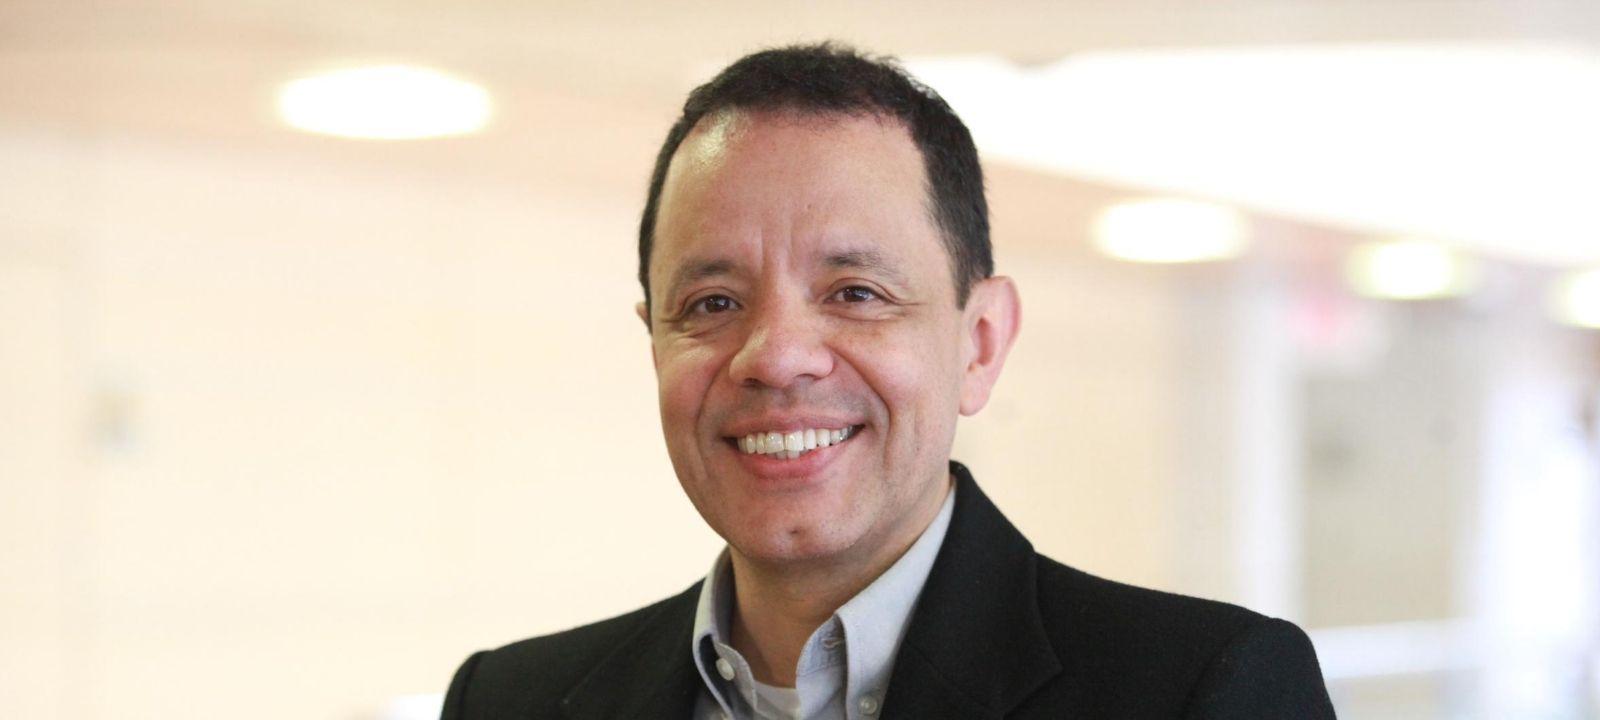 Jorge Villalobos, profesor titular del Departamento de Ingeniería de Sistemas y Computación